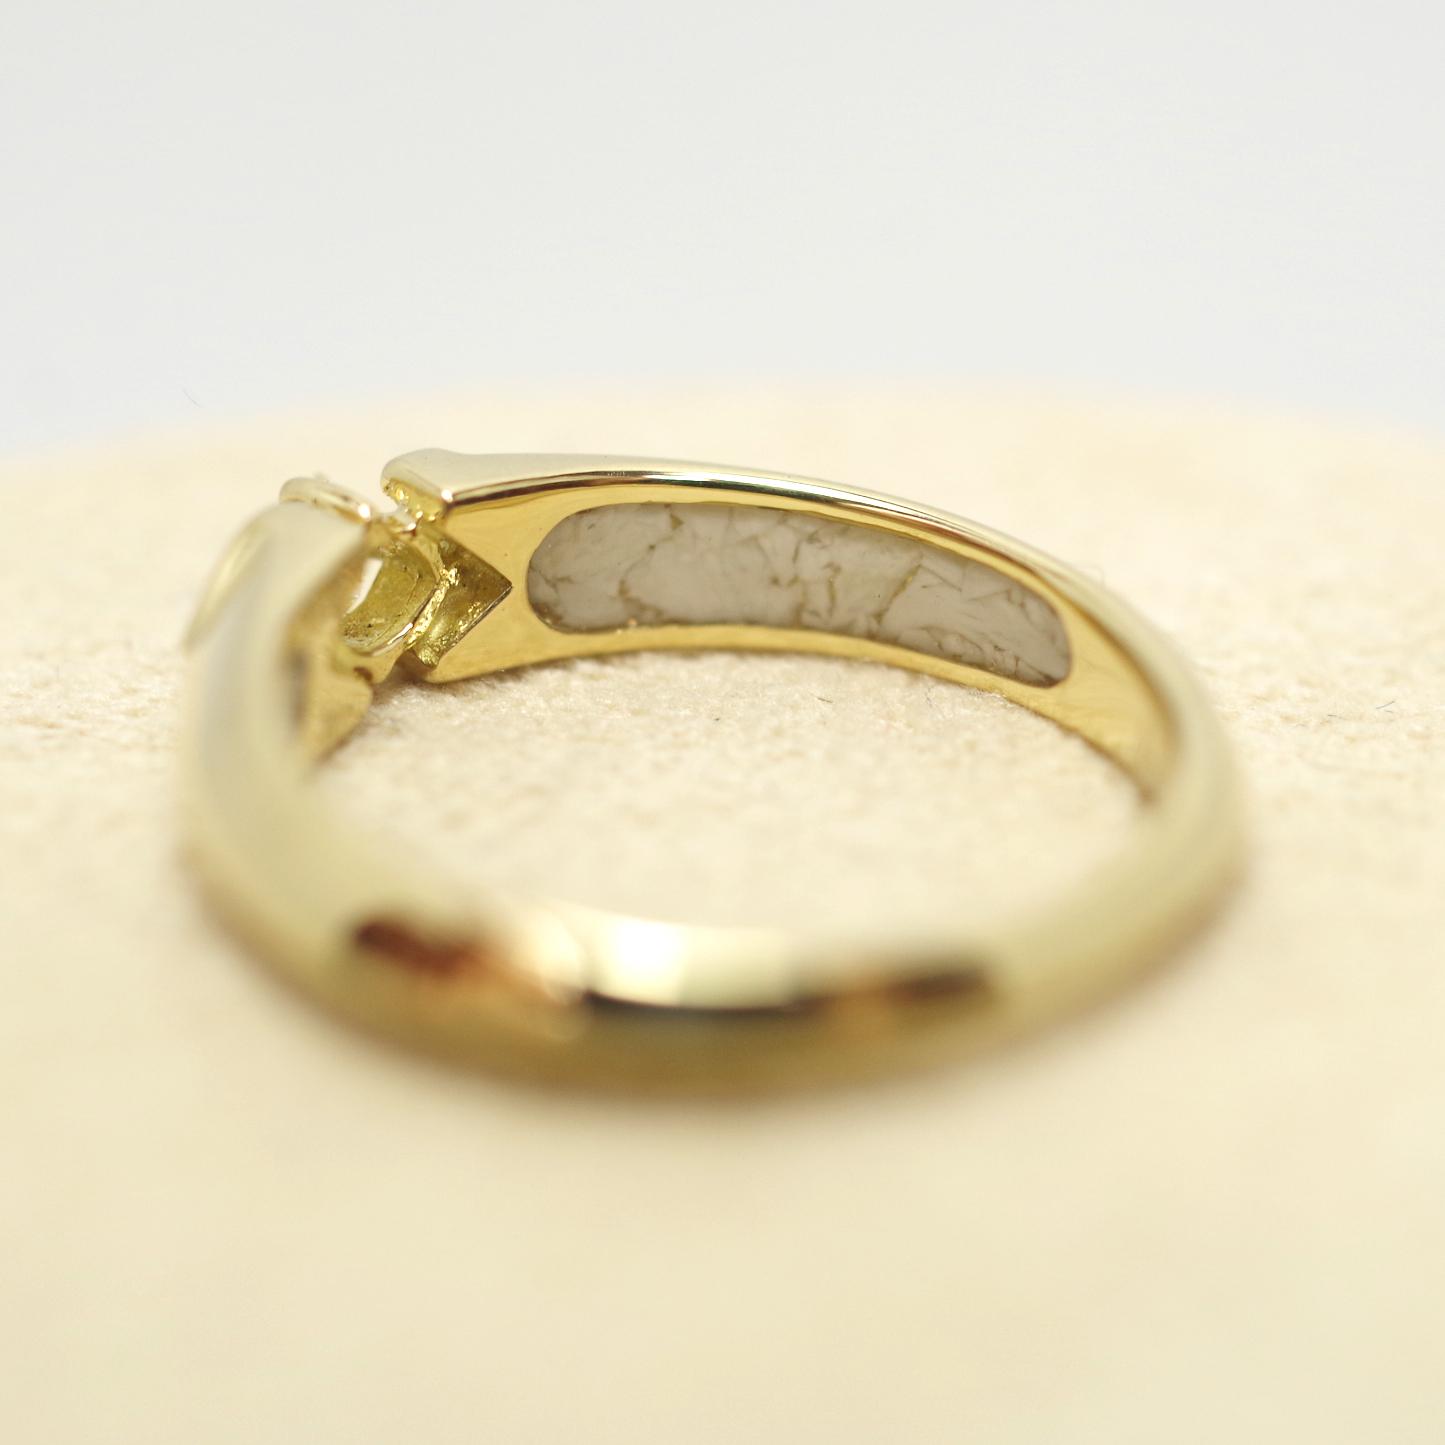 [完全防水] 遺骨を納める指輪 メモリアルリング LJR61  [素材:K18イエローゴールド]